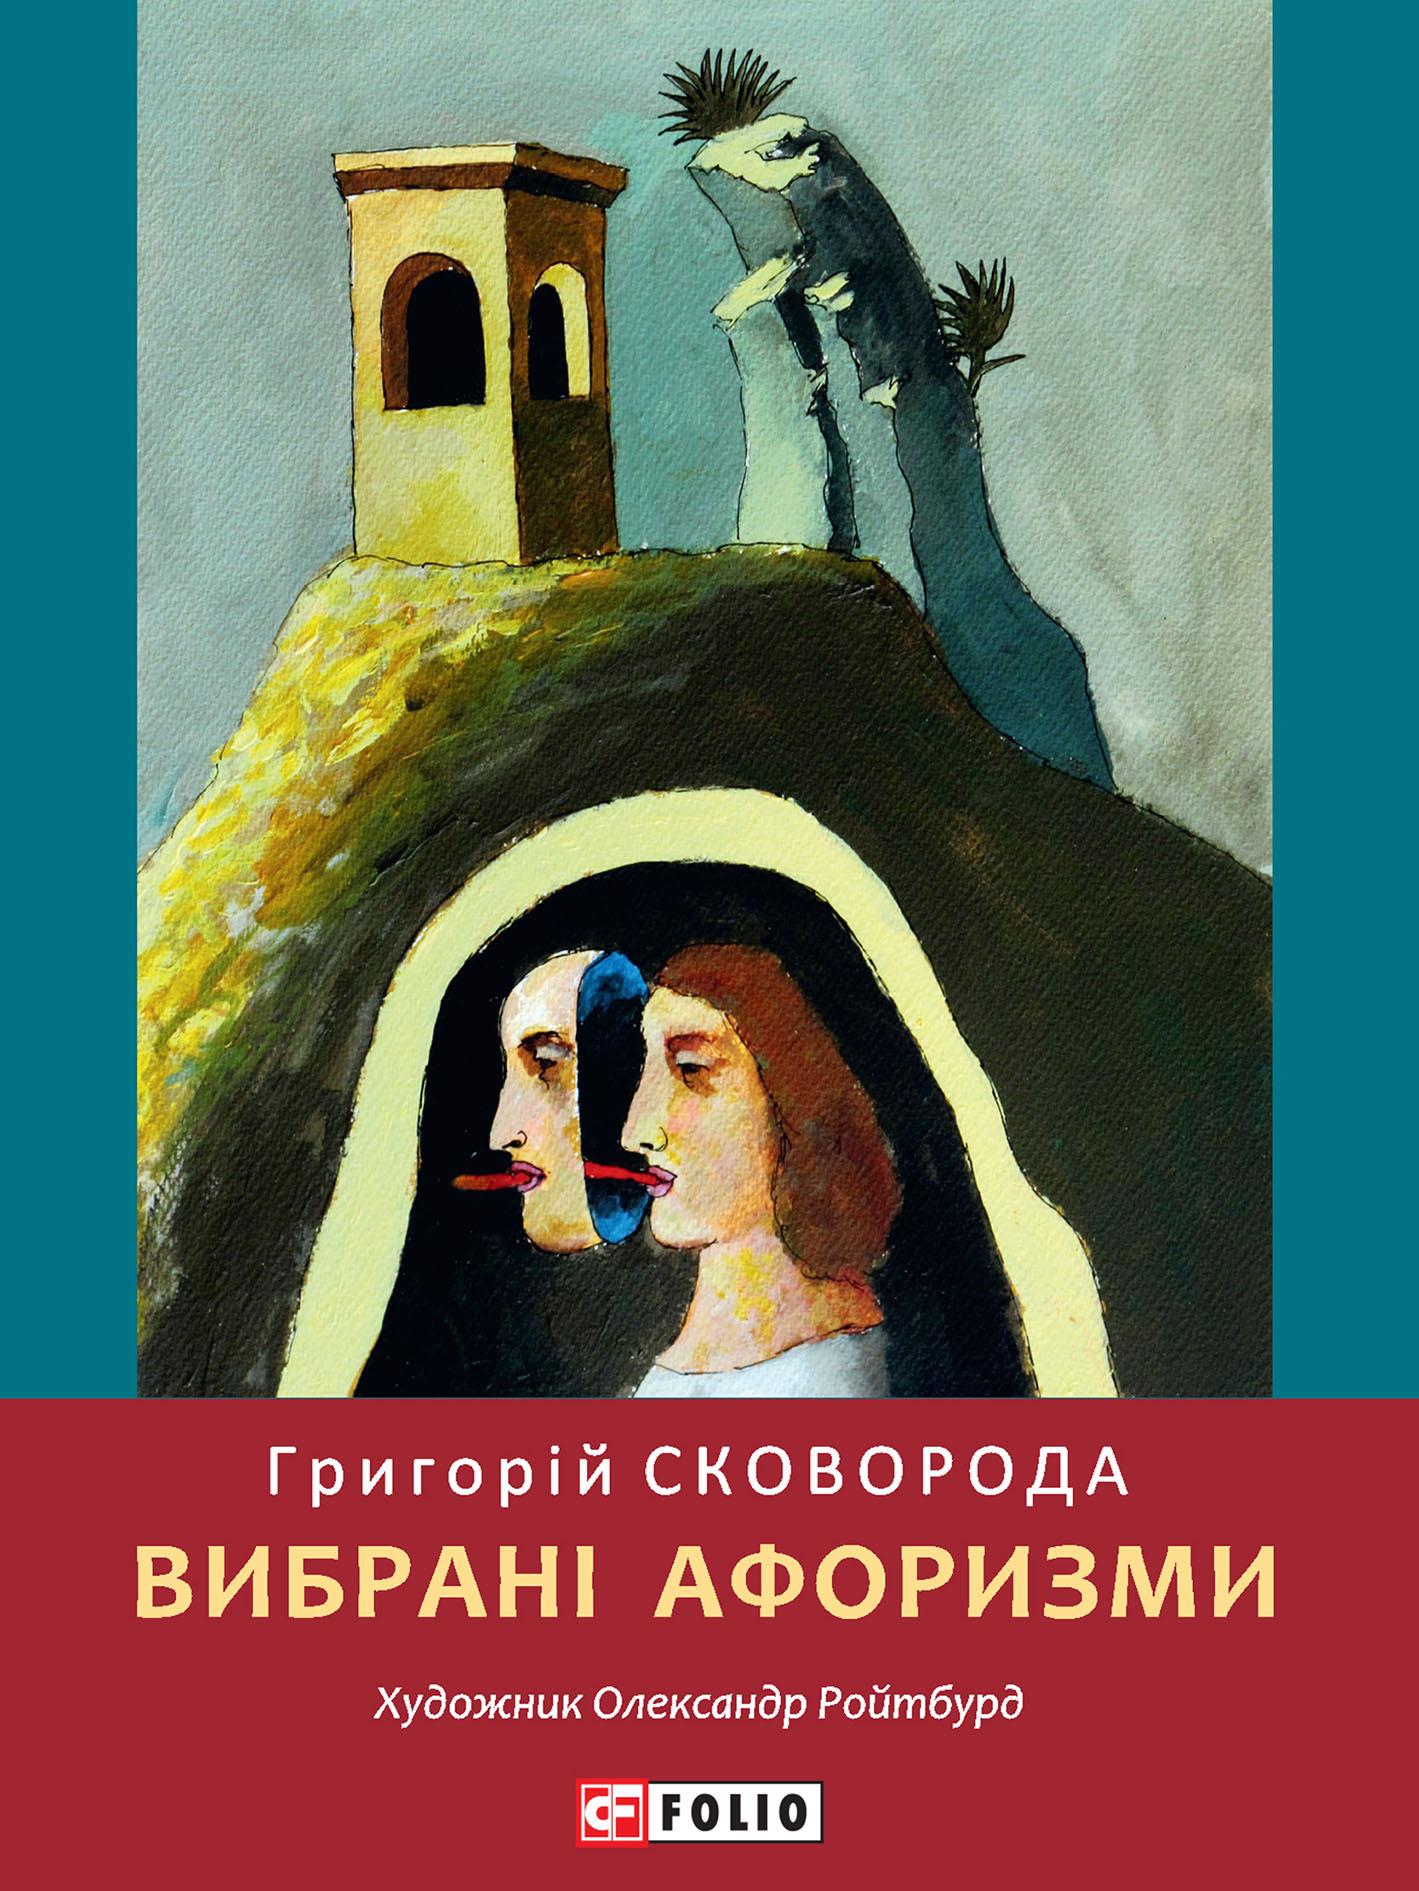 Григорий Сковорода Вибрані афоризми антін щегельський мемуари українського казанови